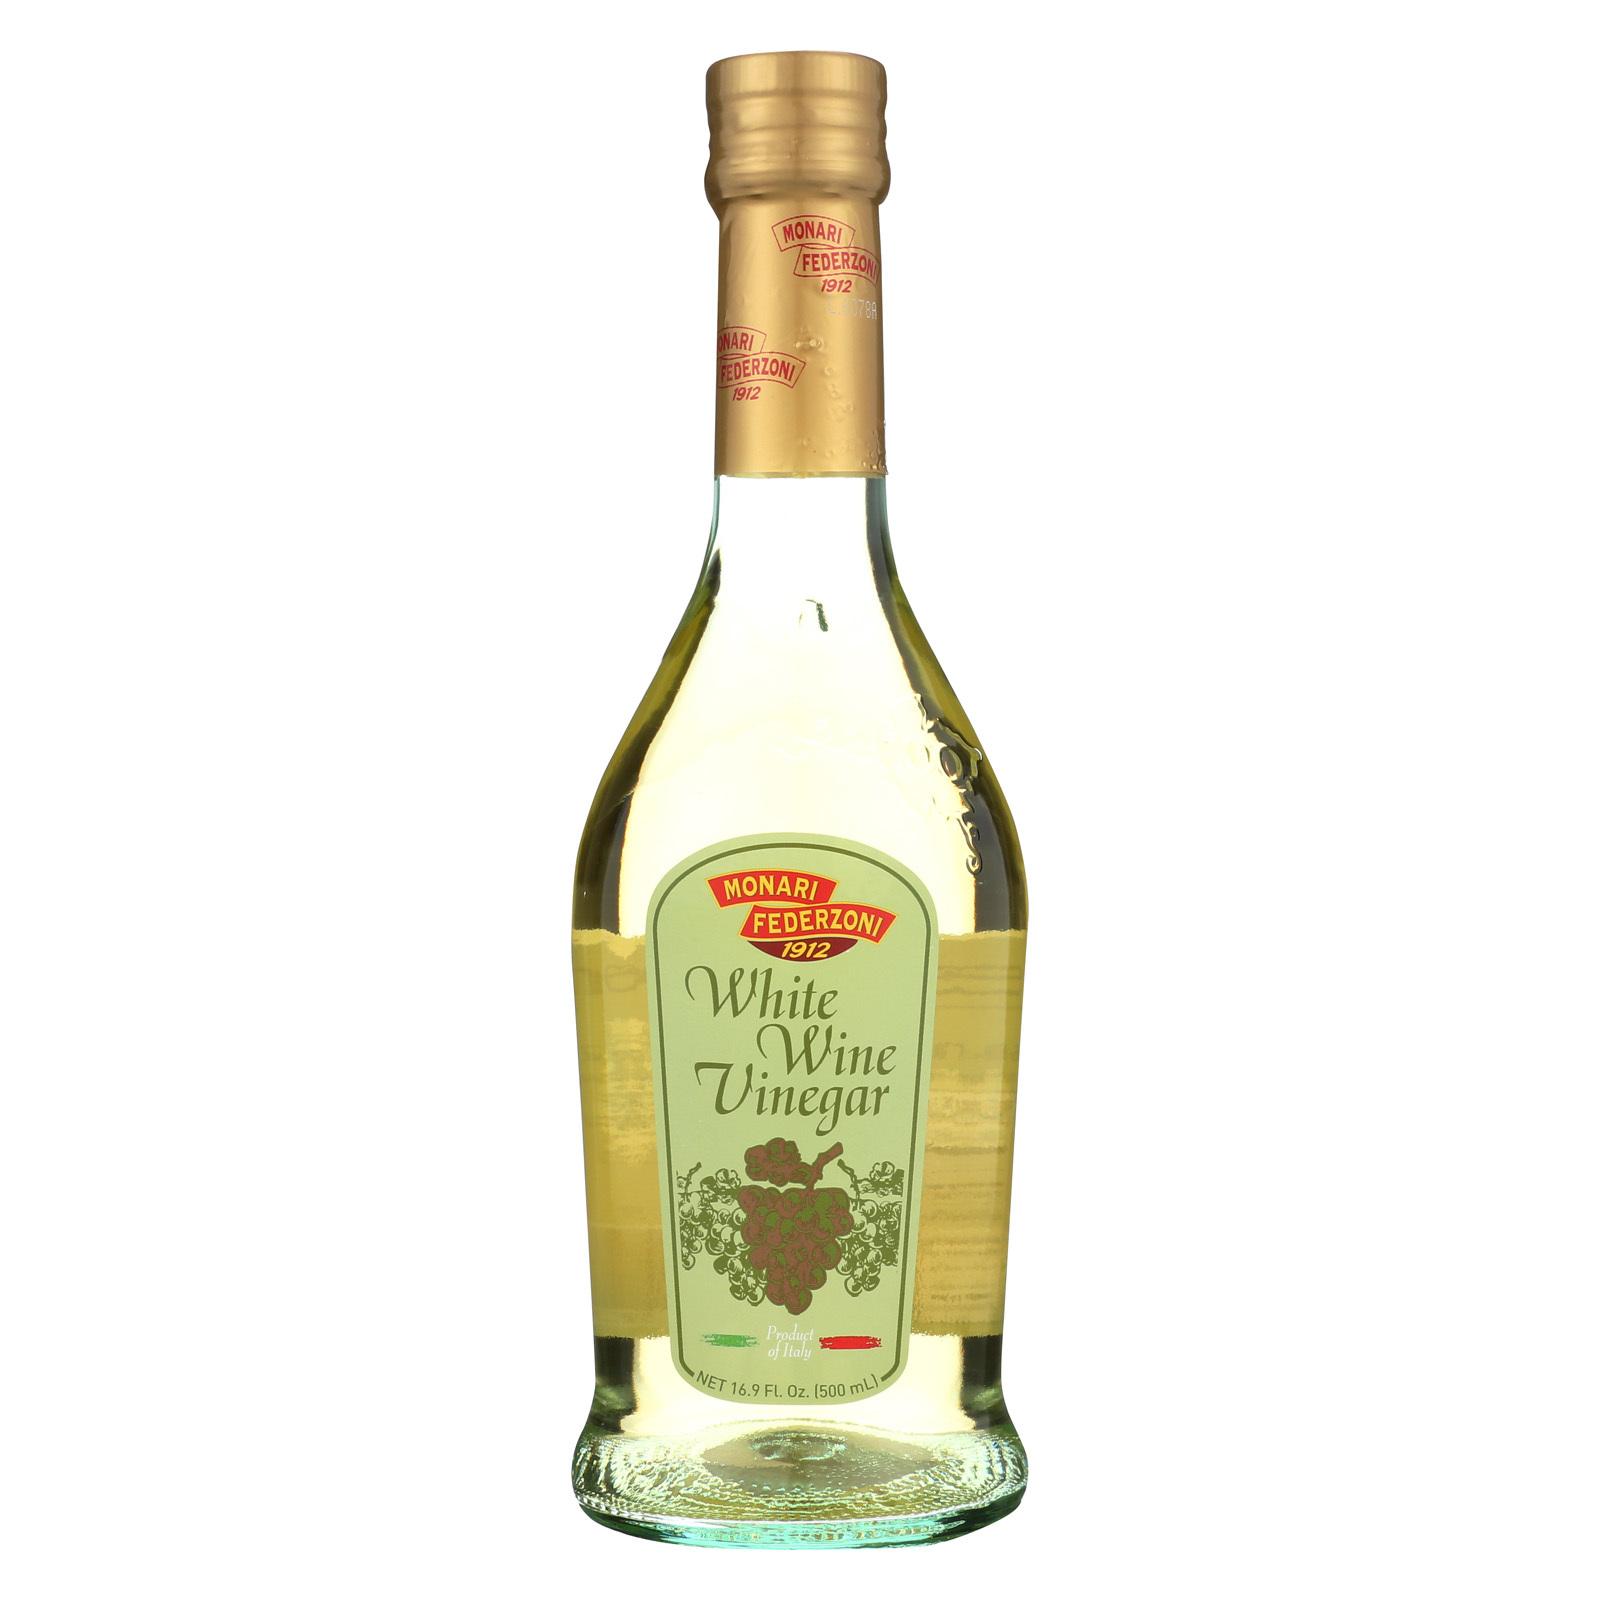 Monari Federzoni White Wine Vinegar - Case of 6 - 16.9 Fl oz.